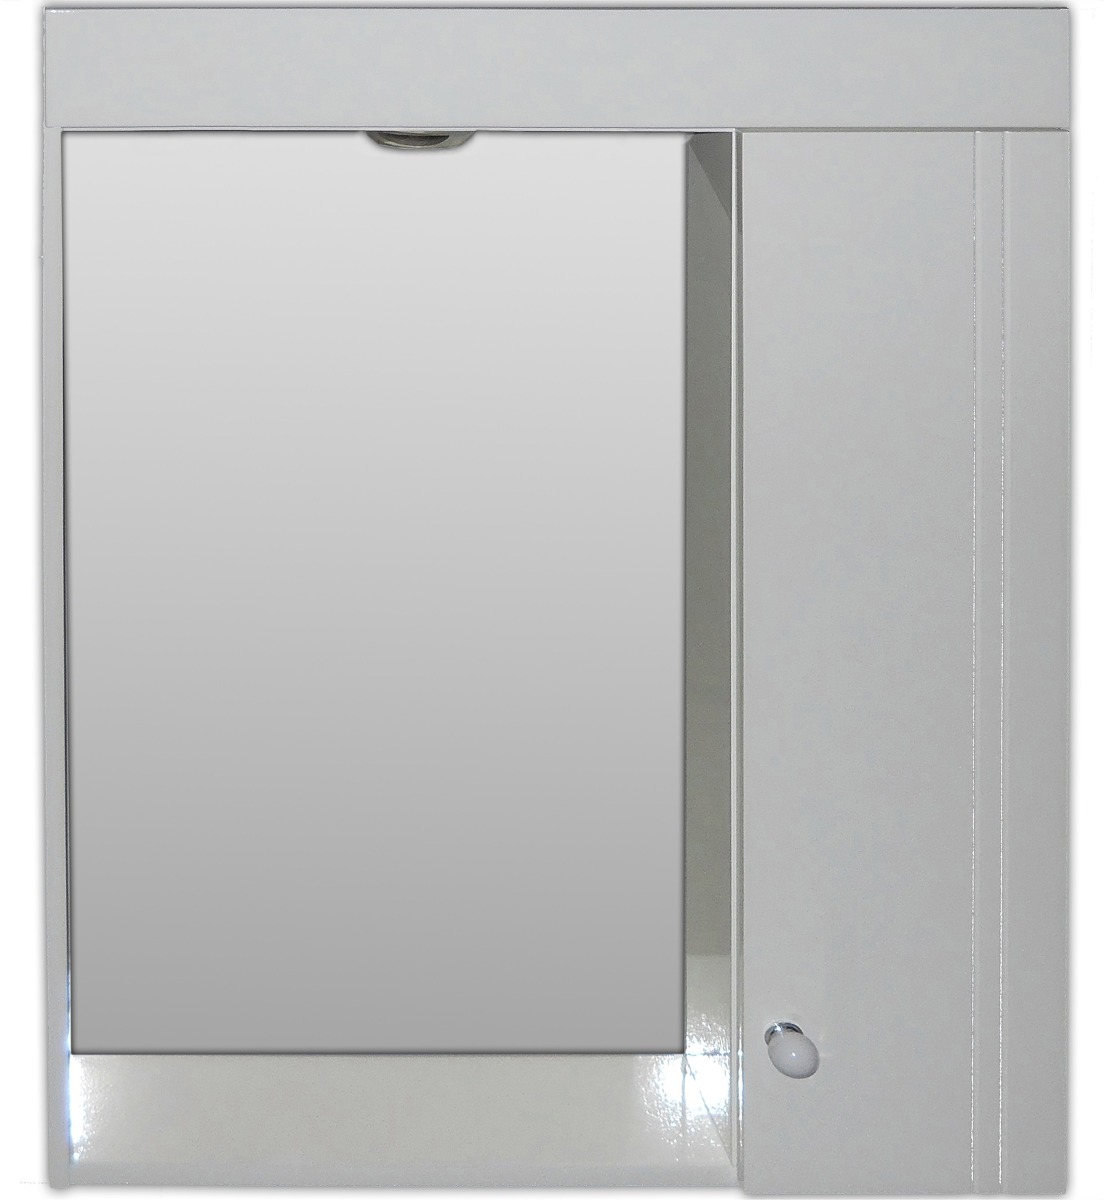 Espejo Botiquín Baño 50x70 Blanco Peinador Laqueado C/luz - $ 956,96 ...